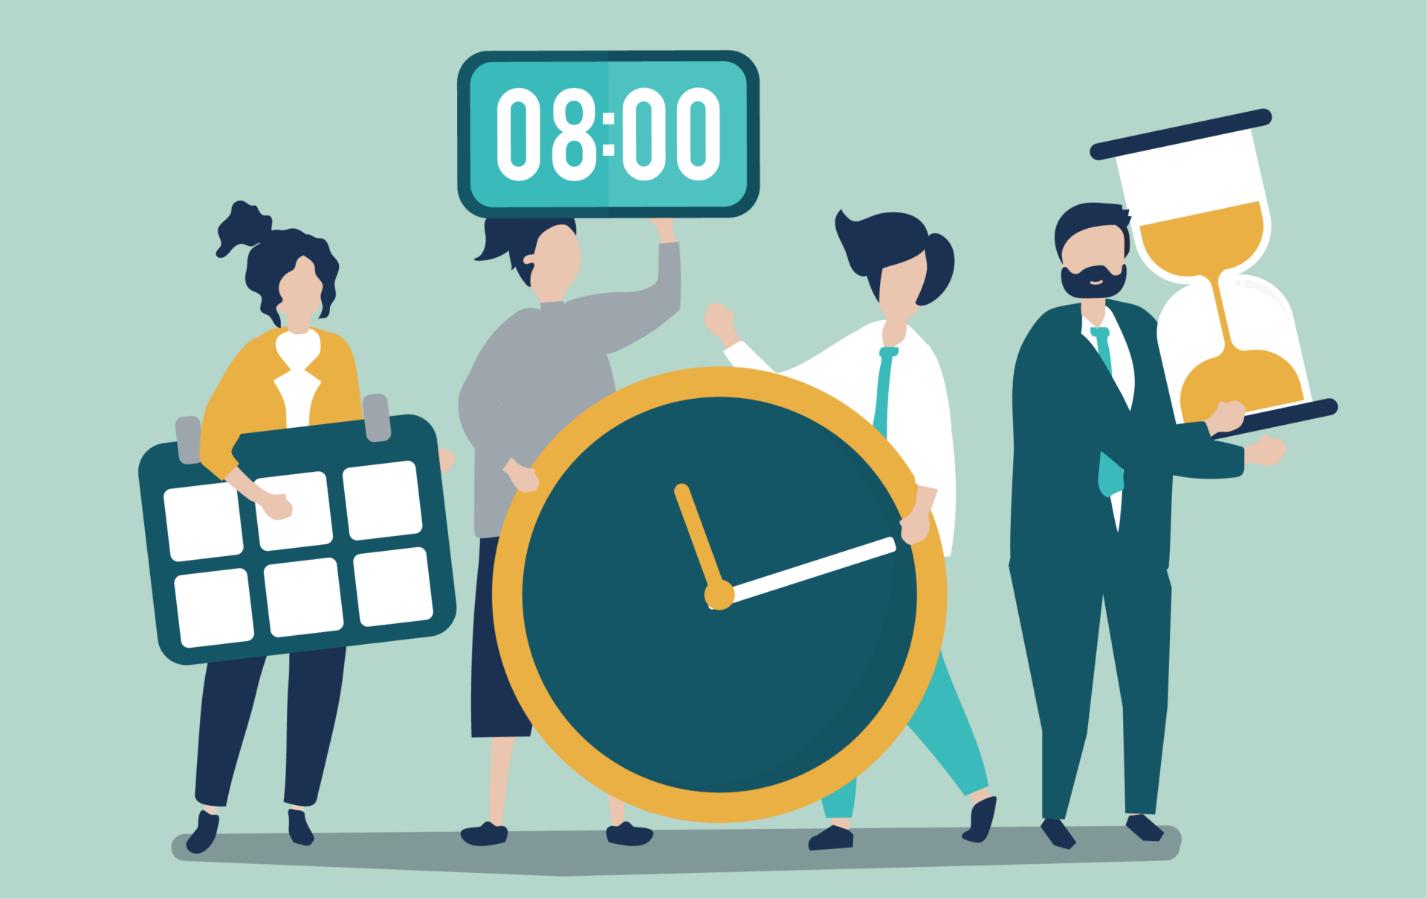 arpmold - Тайм-менеджмент в доставке сотрудников, успех рабочего дня!